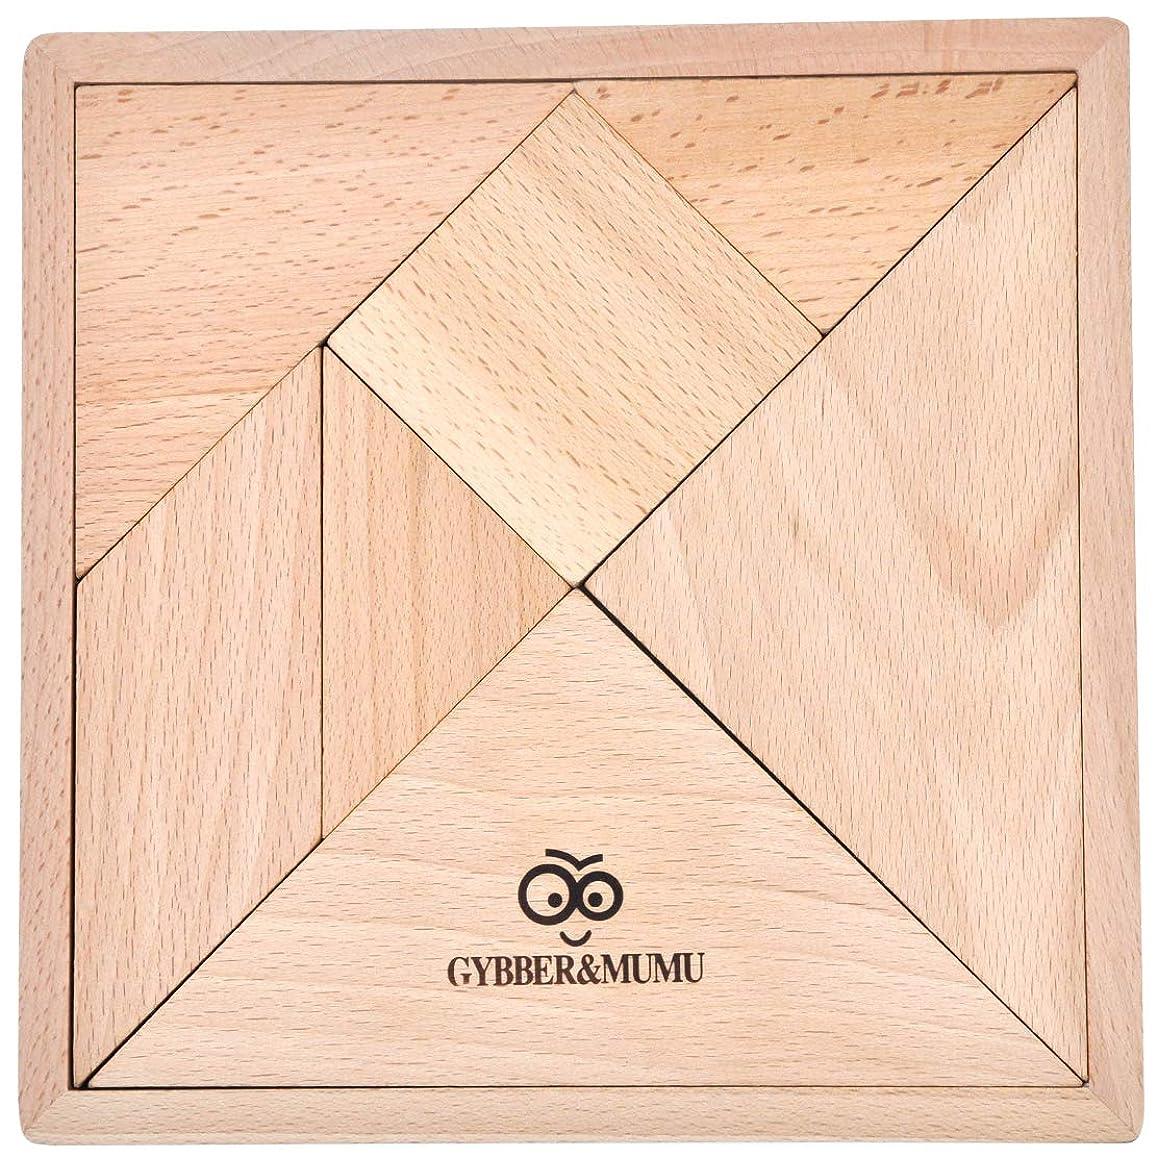 羊の服を着た狼極小外側GYBBER & MUMU Wooden Tangram Puzzle Game 7 Pieces